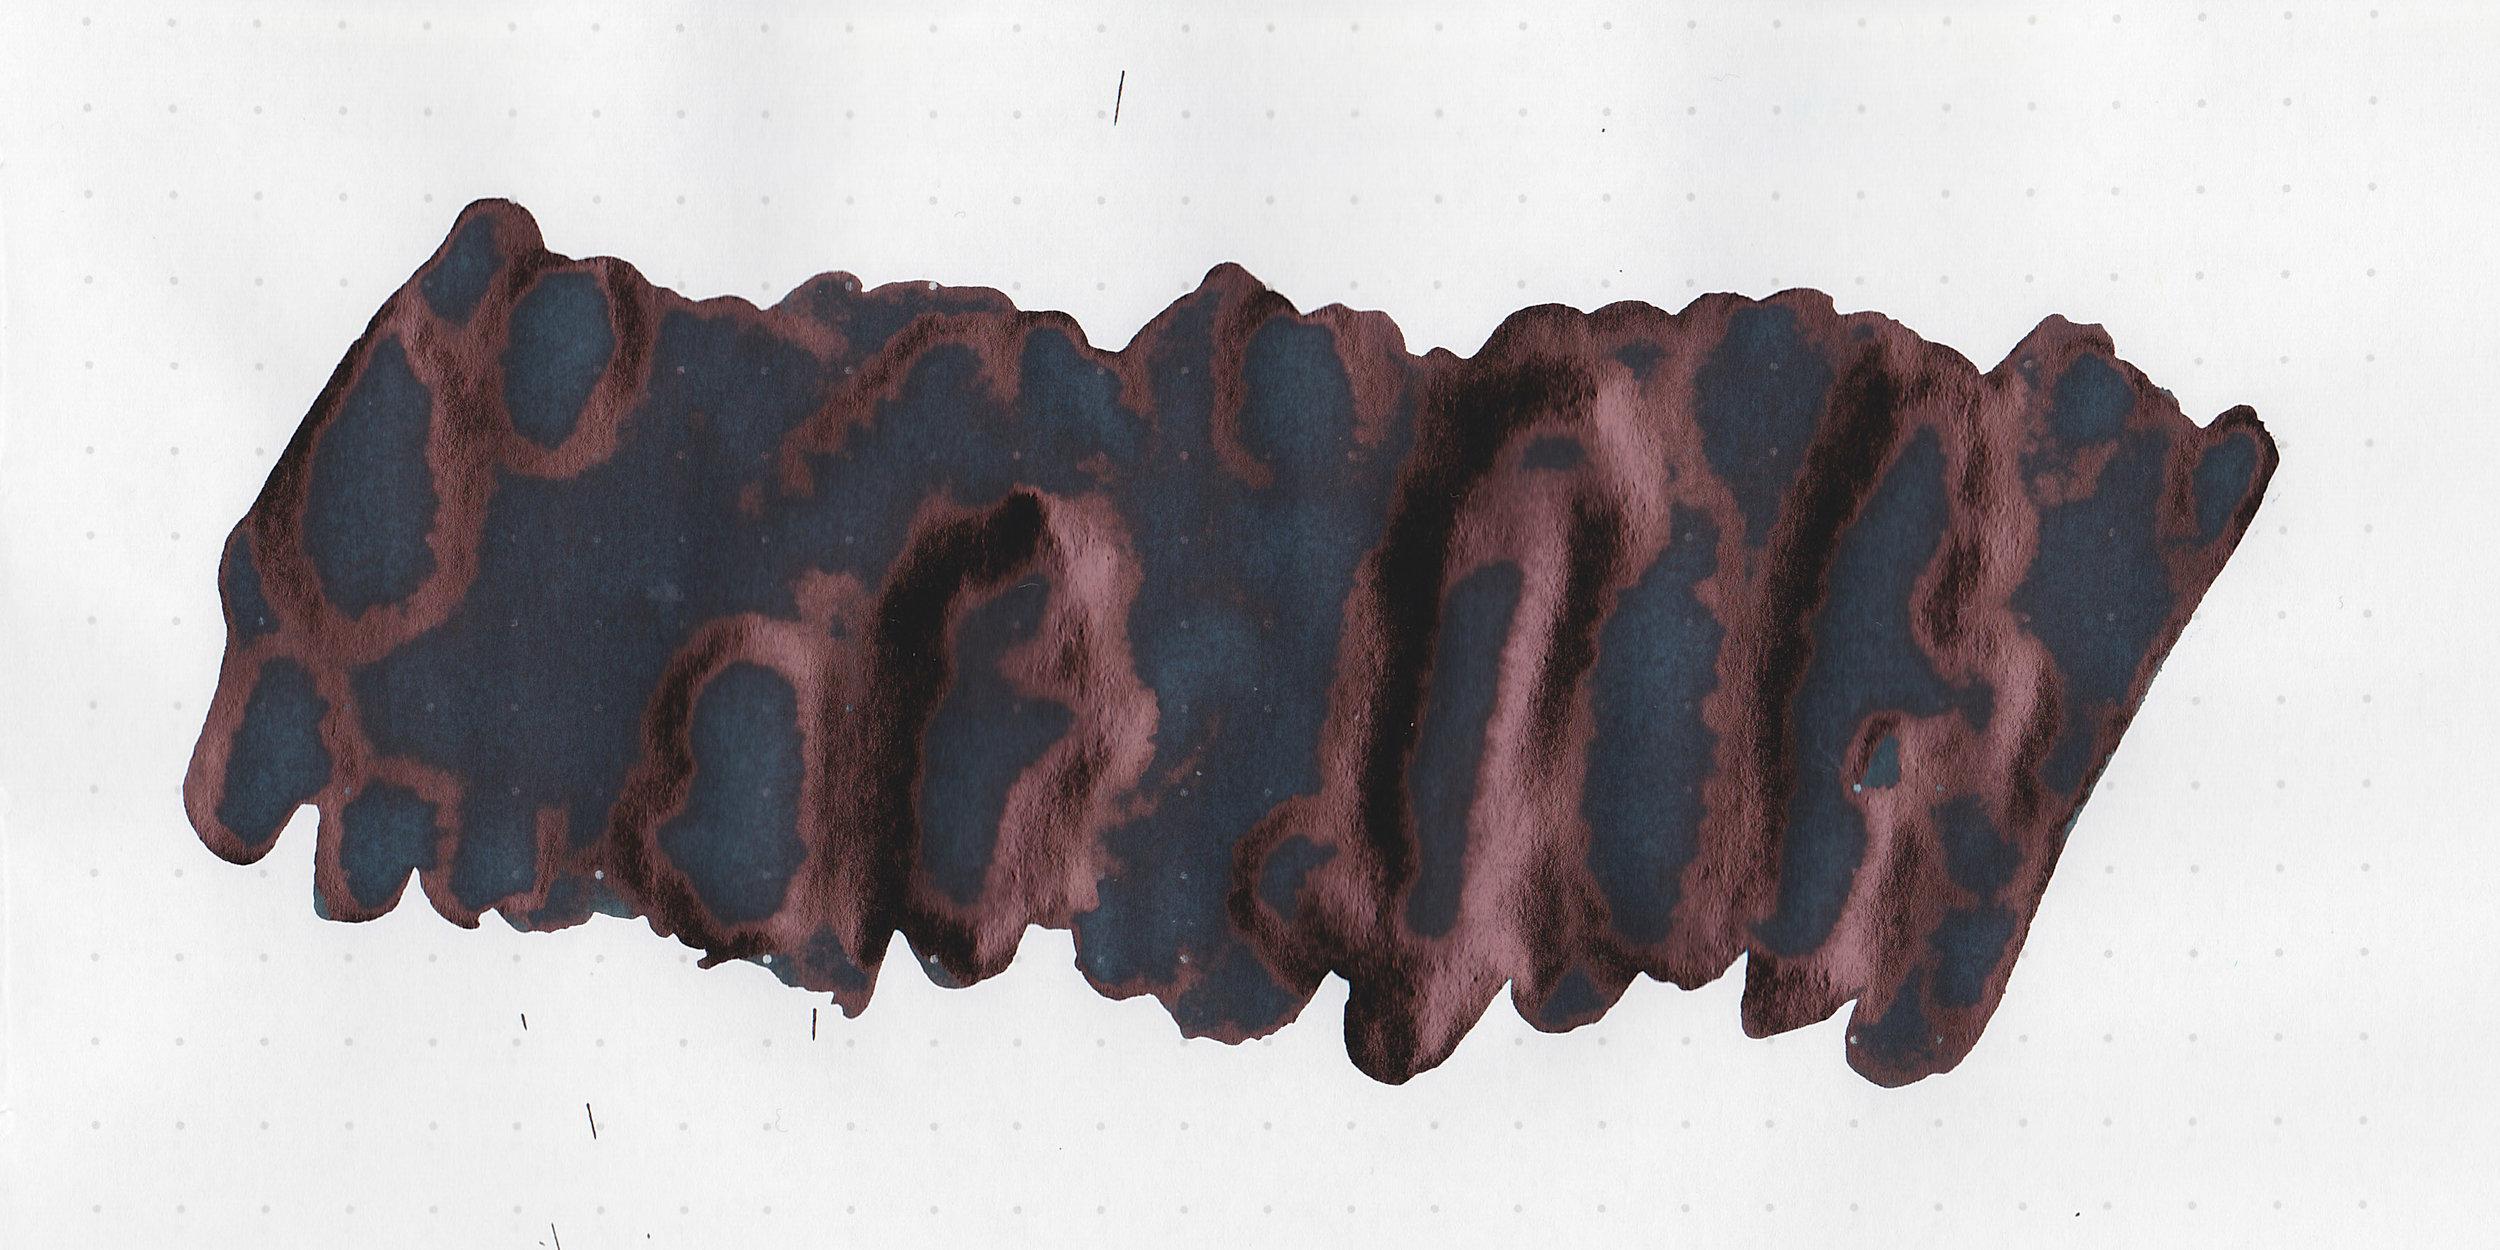 lmy-obsidian-3.jpg